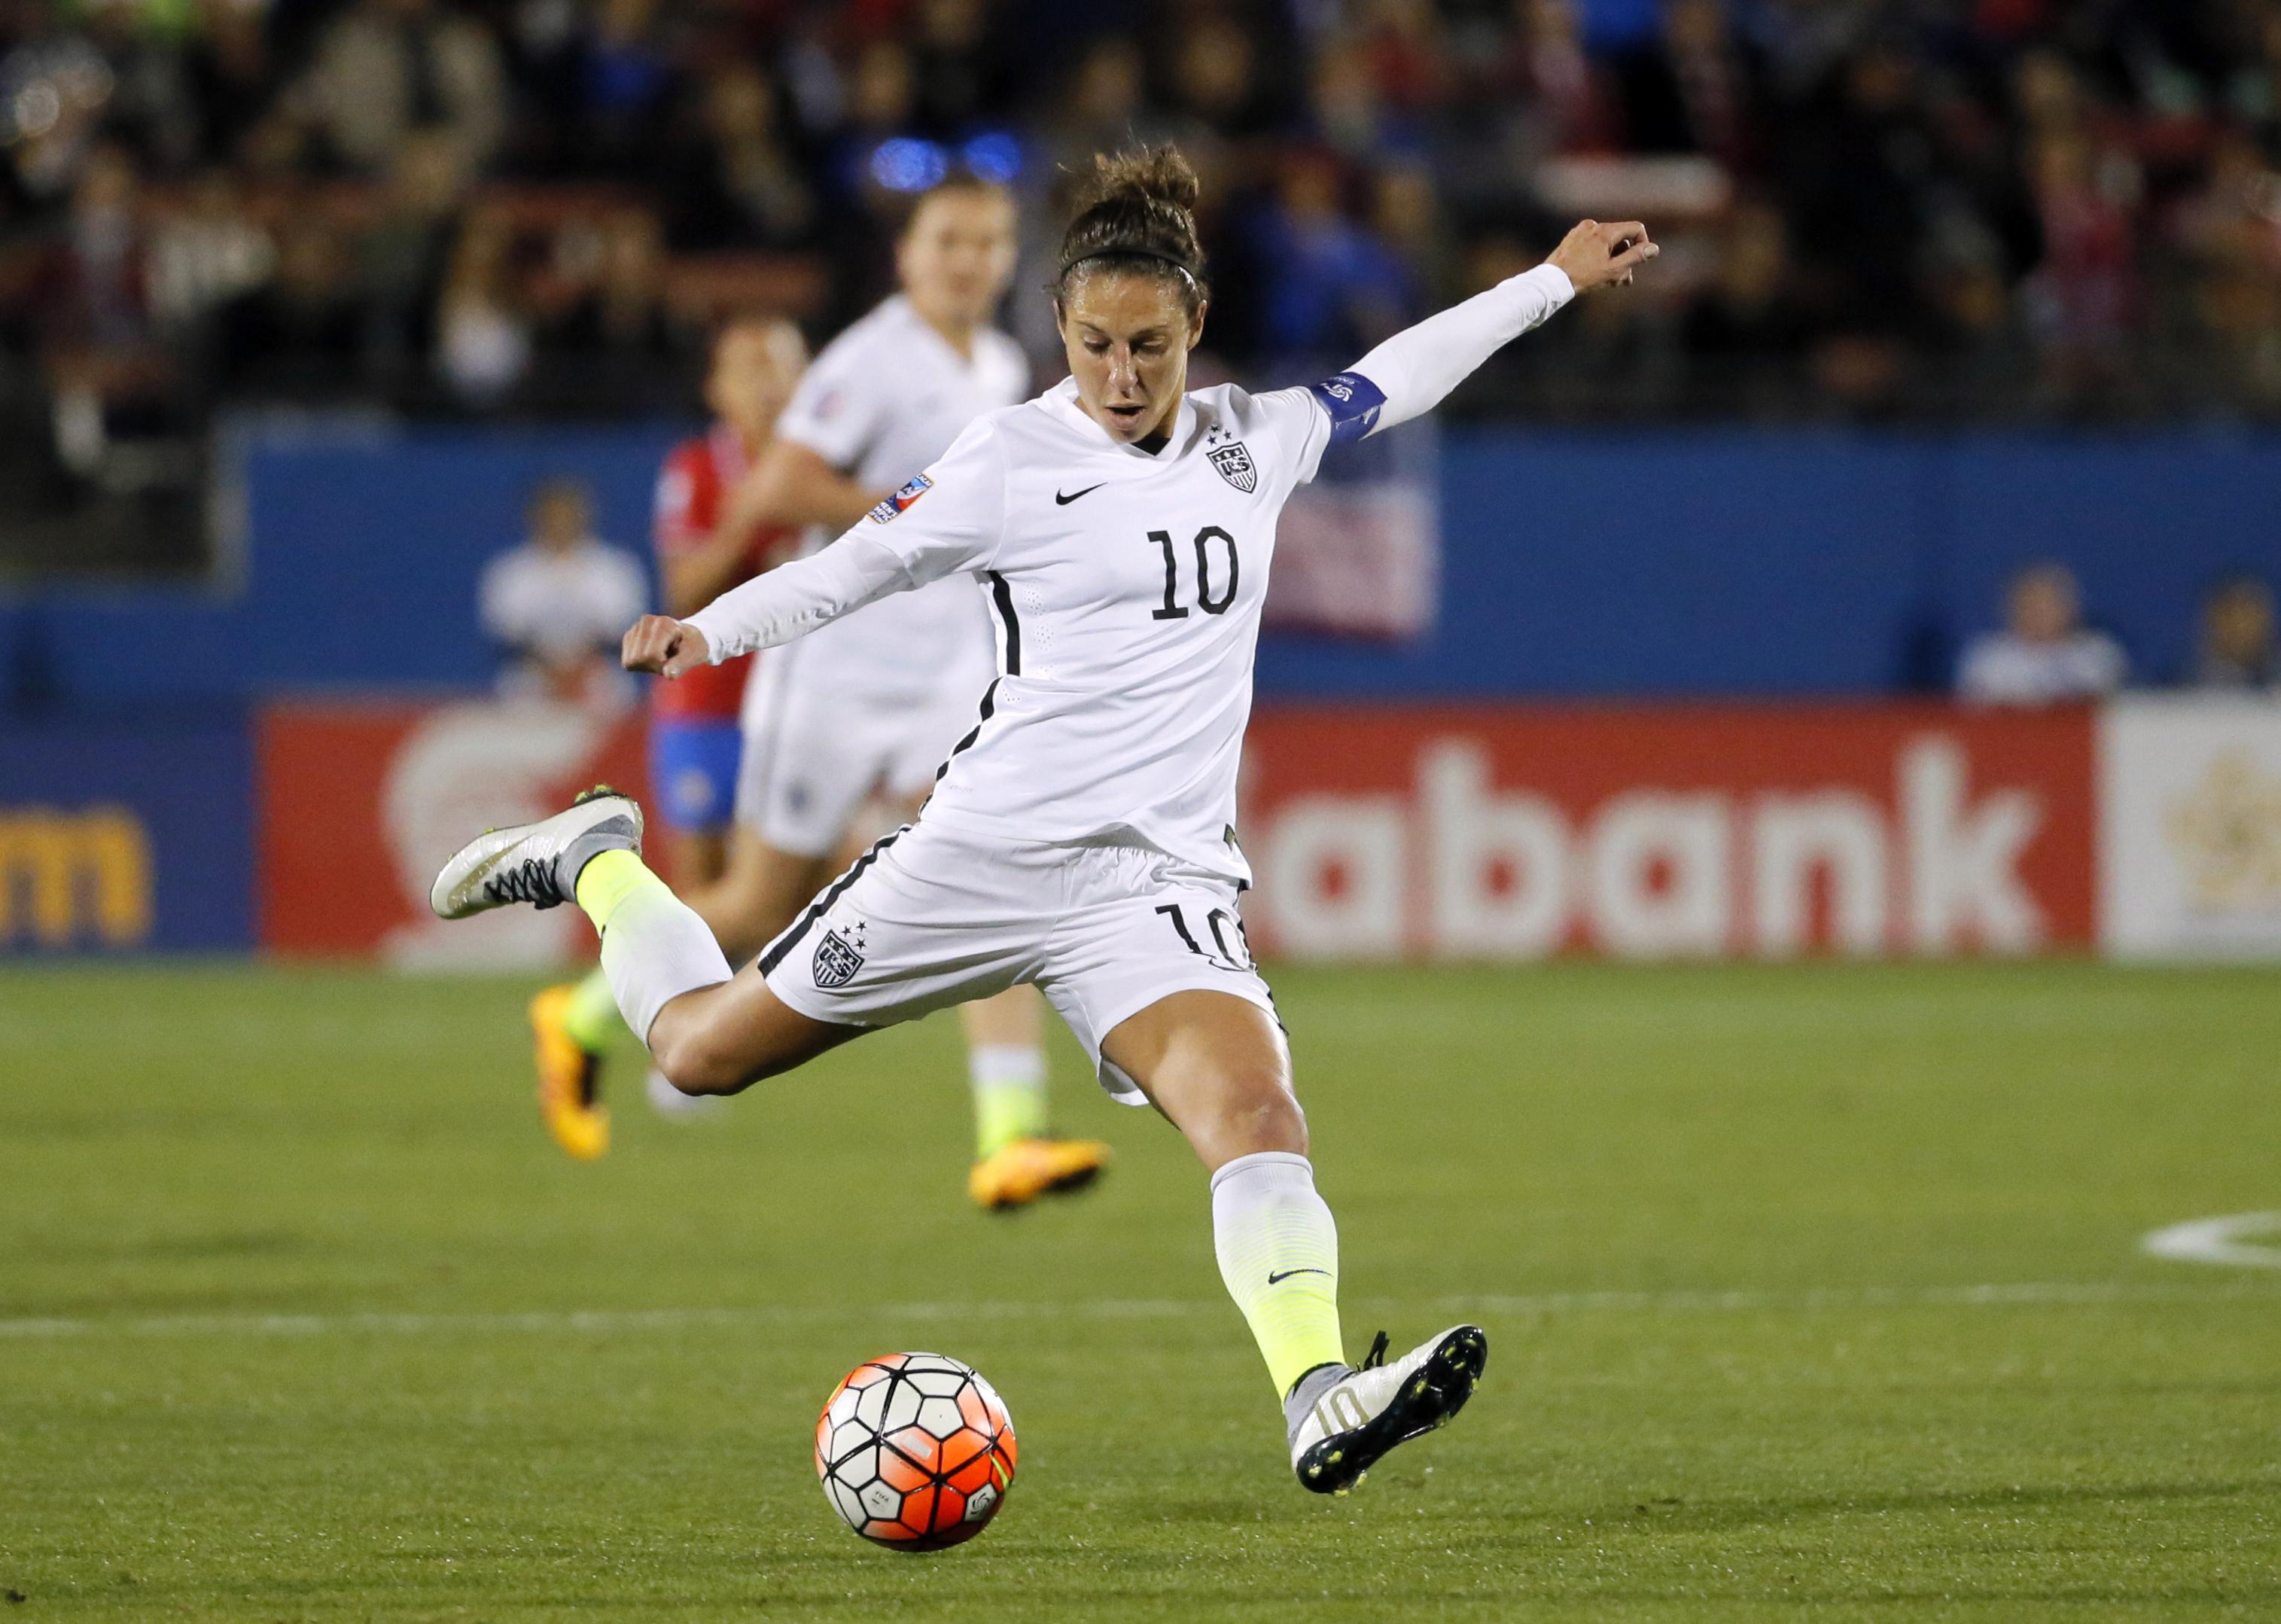 Carli Lloyd kicking soccer ball during game (© AP Images)